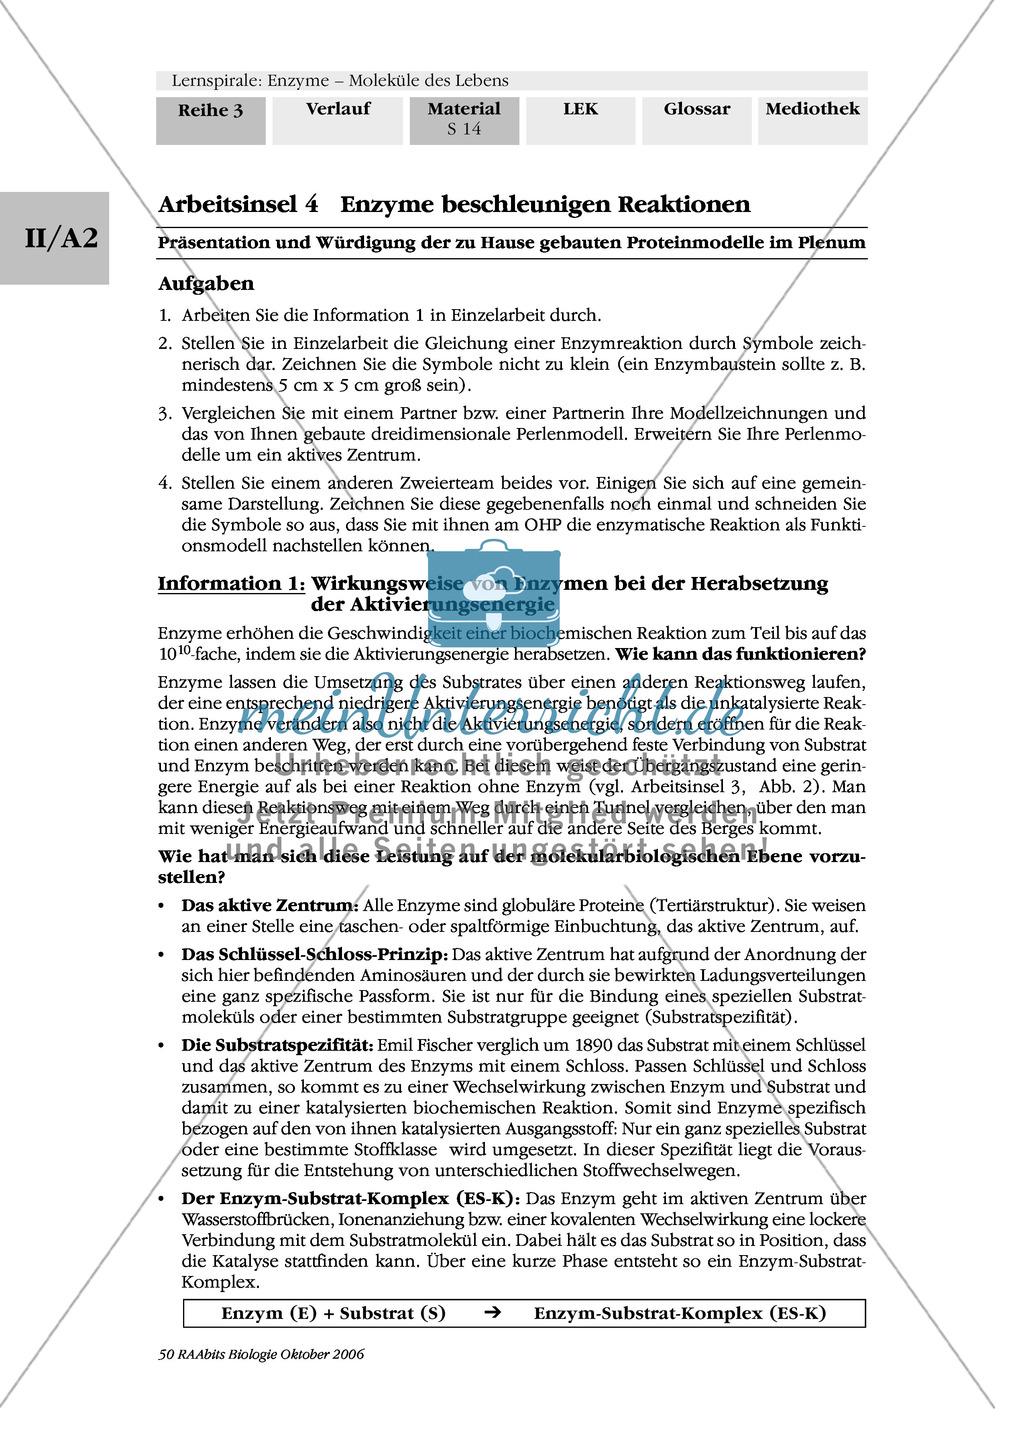 Enzyme: Arbeitsinseln zu den Themen Stoffwechsel, Enzymreaktionen, Hemmstoffe, Cofaktoren, Regulation Preview 7